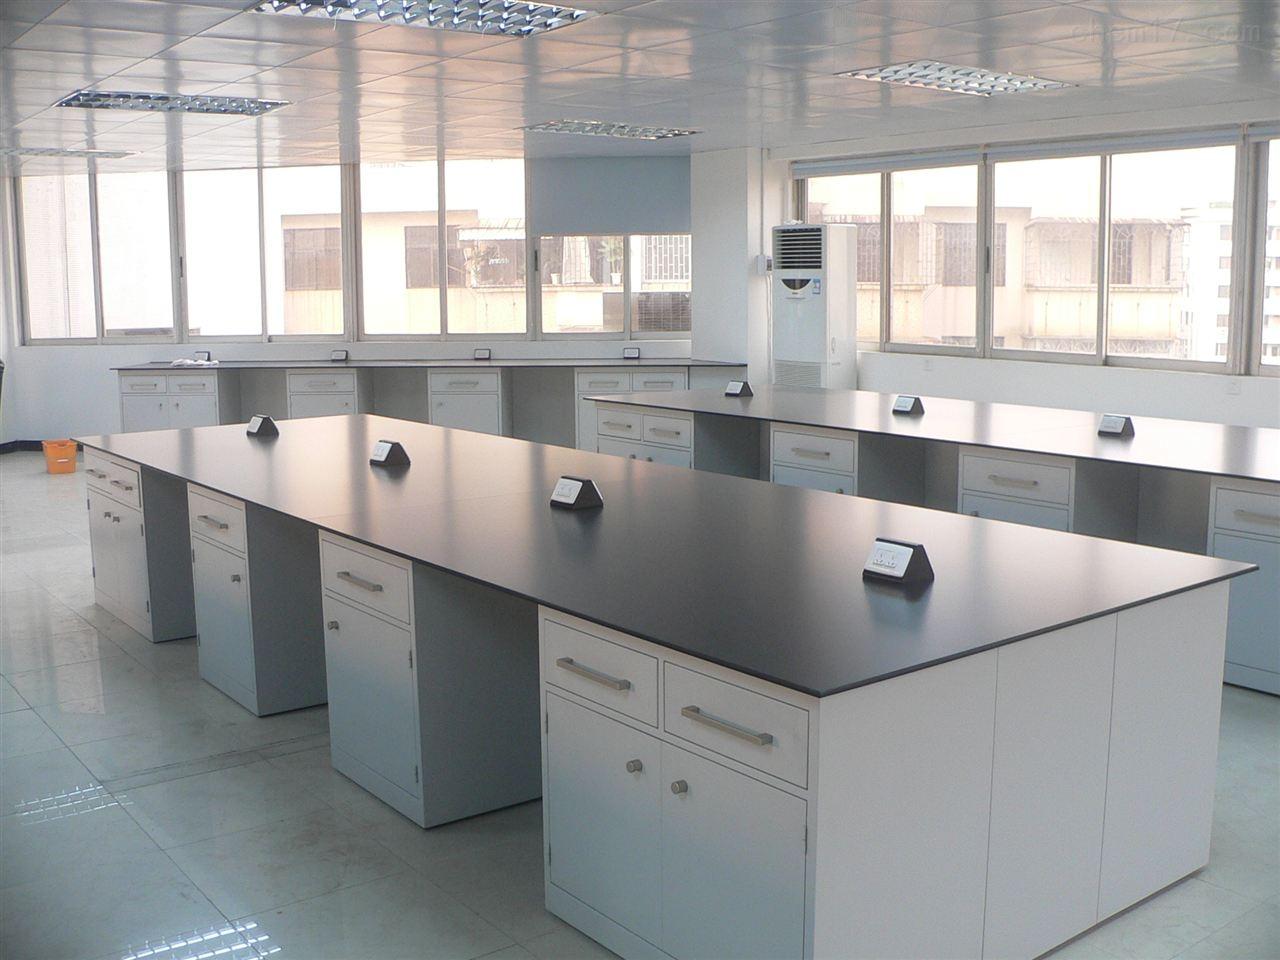 番禺化学实验室中央台安装